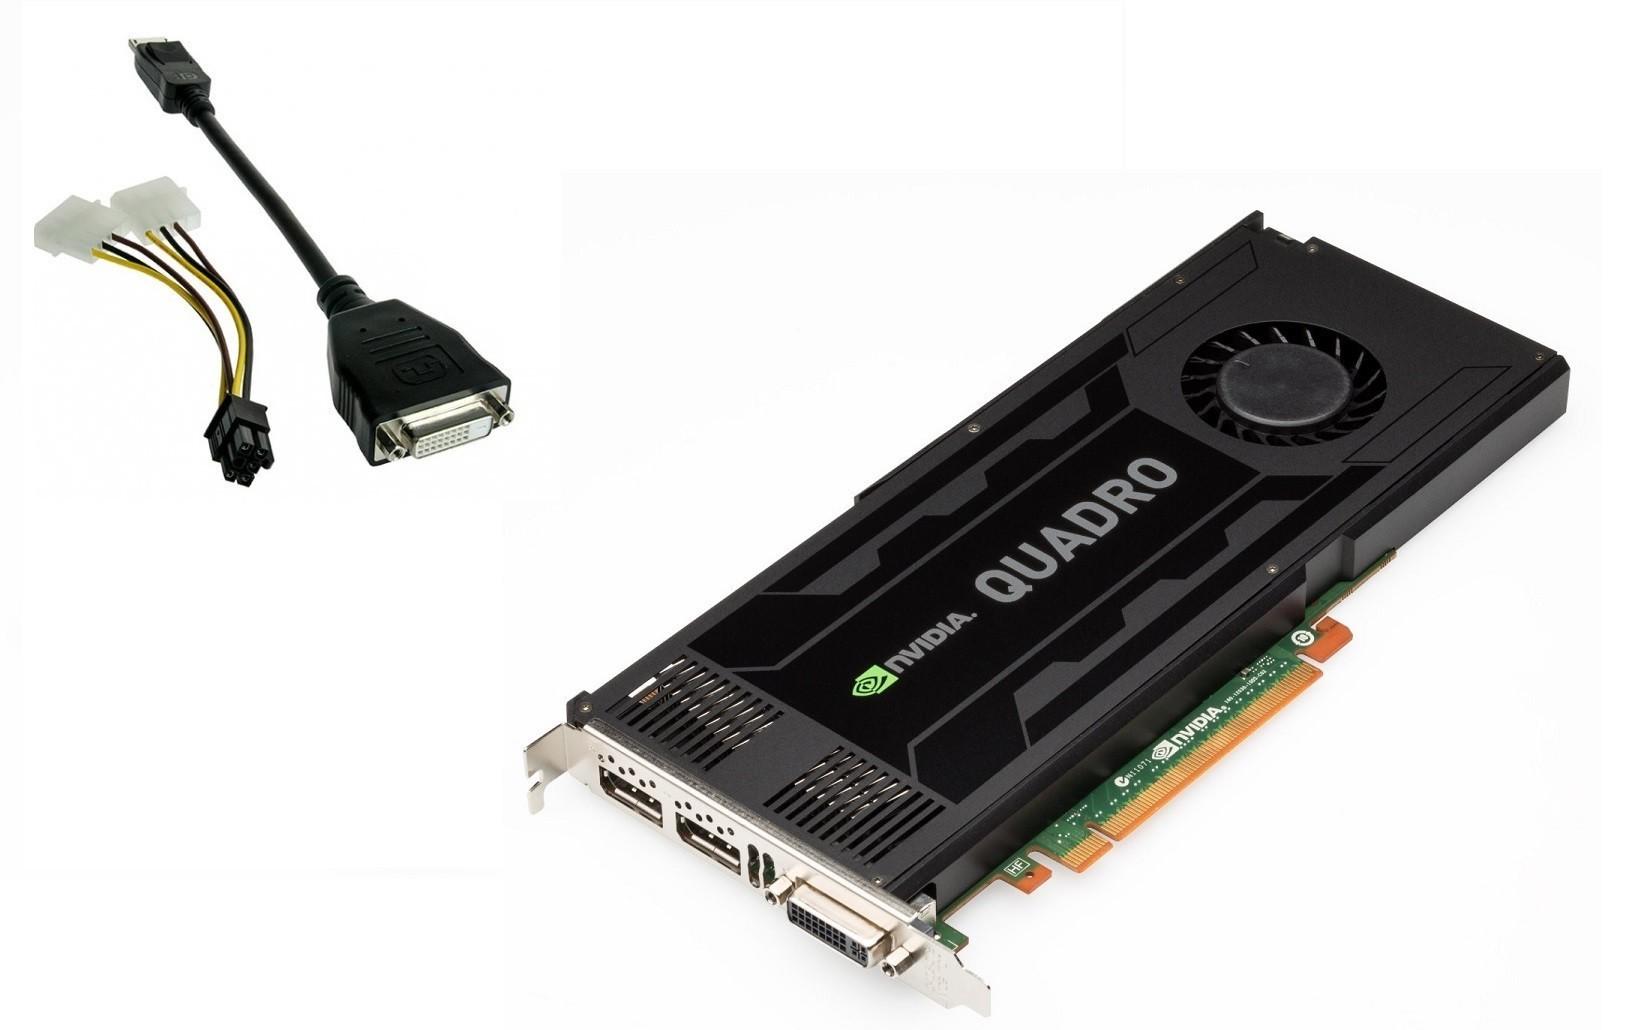 3GB HP 700104-001 Quadro K4000 GDDR5 PCI Express 2.0 x16 2x Displayports DVI Graphic Card